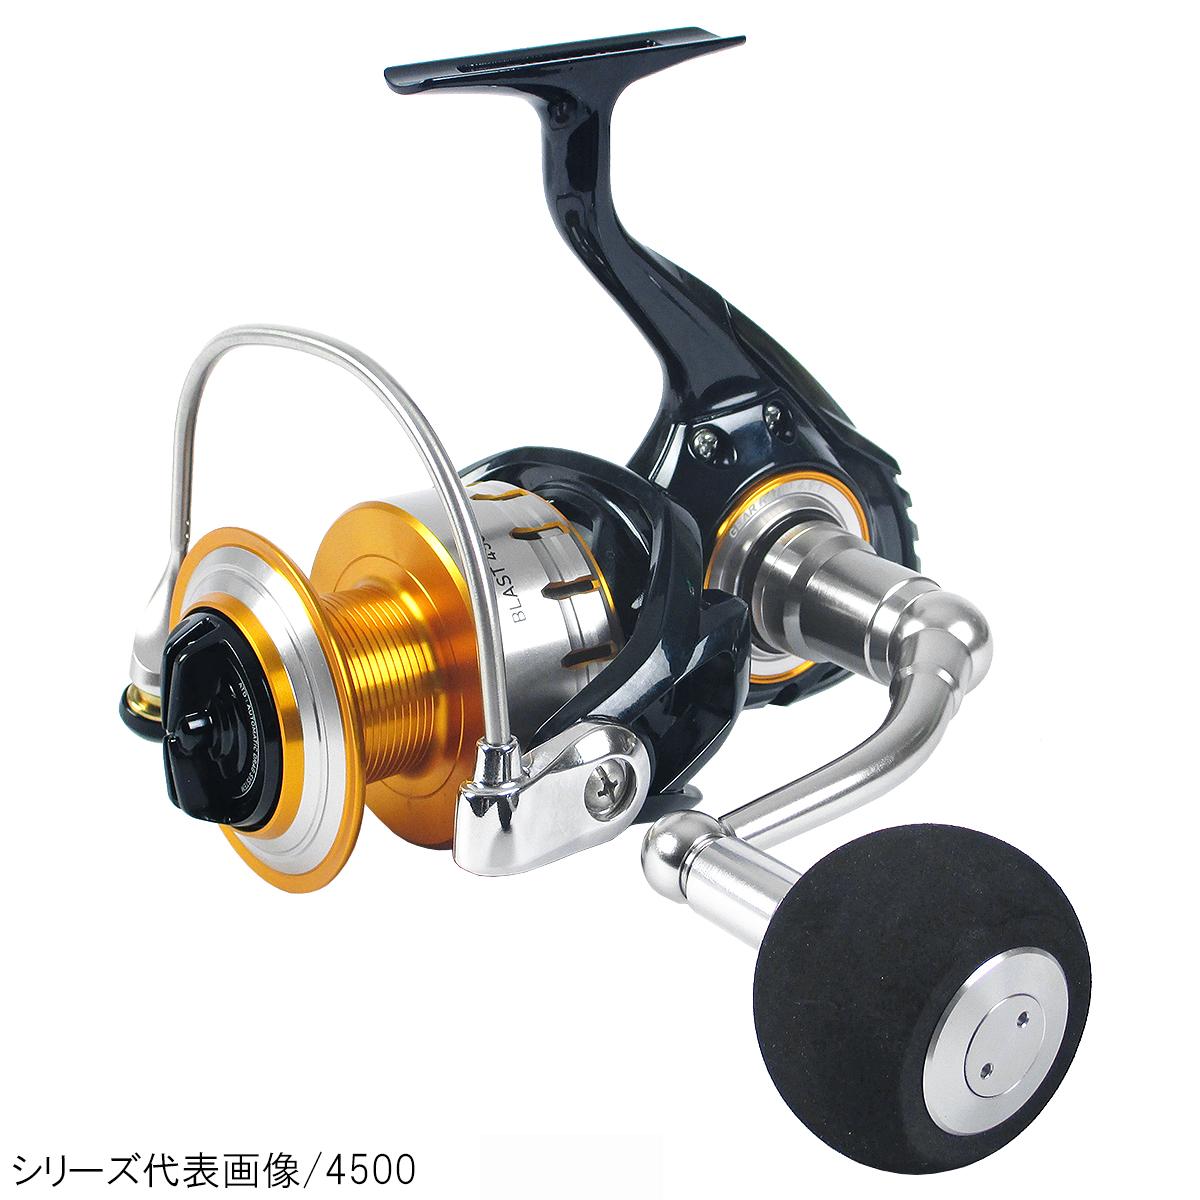 ダイワ ブラスト 4500H(東日本店)